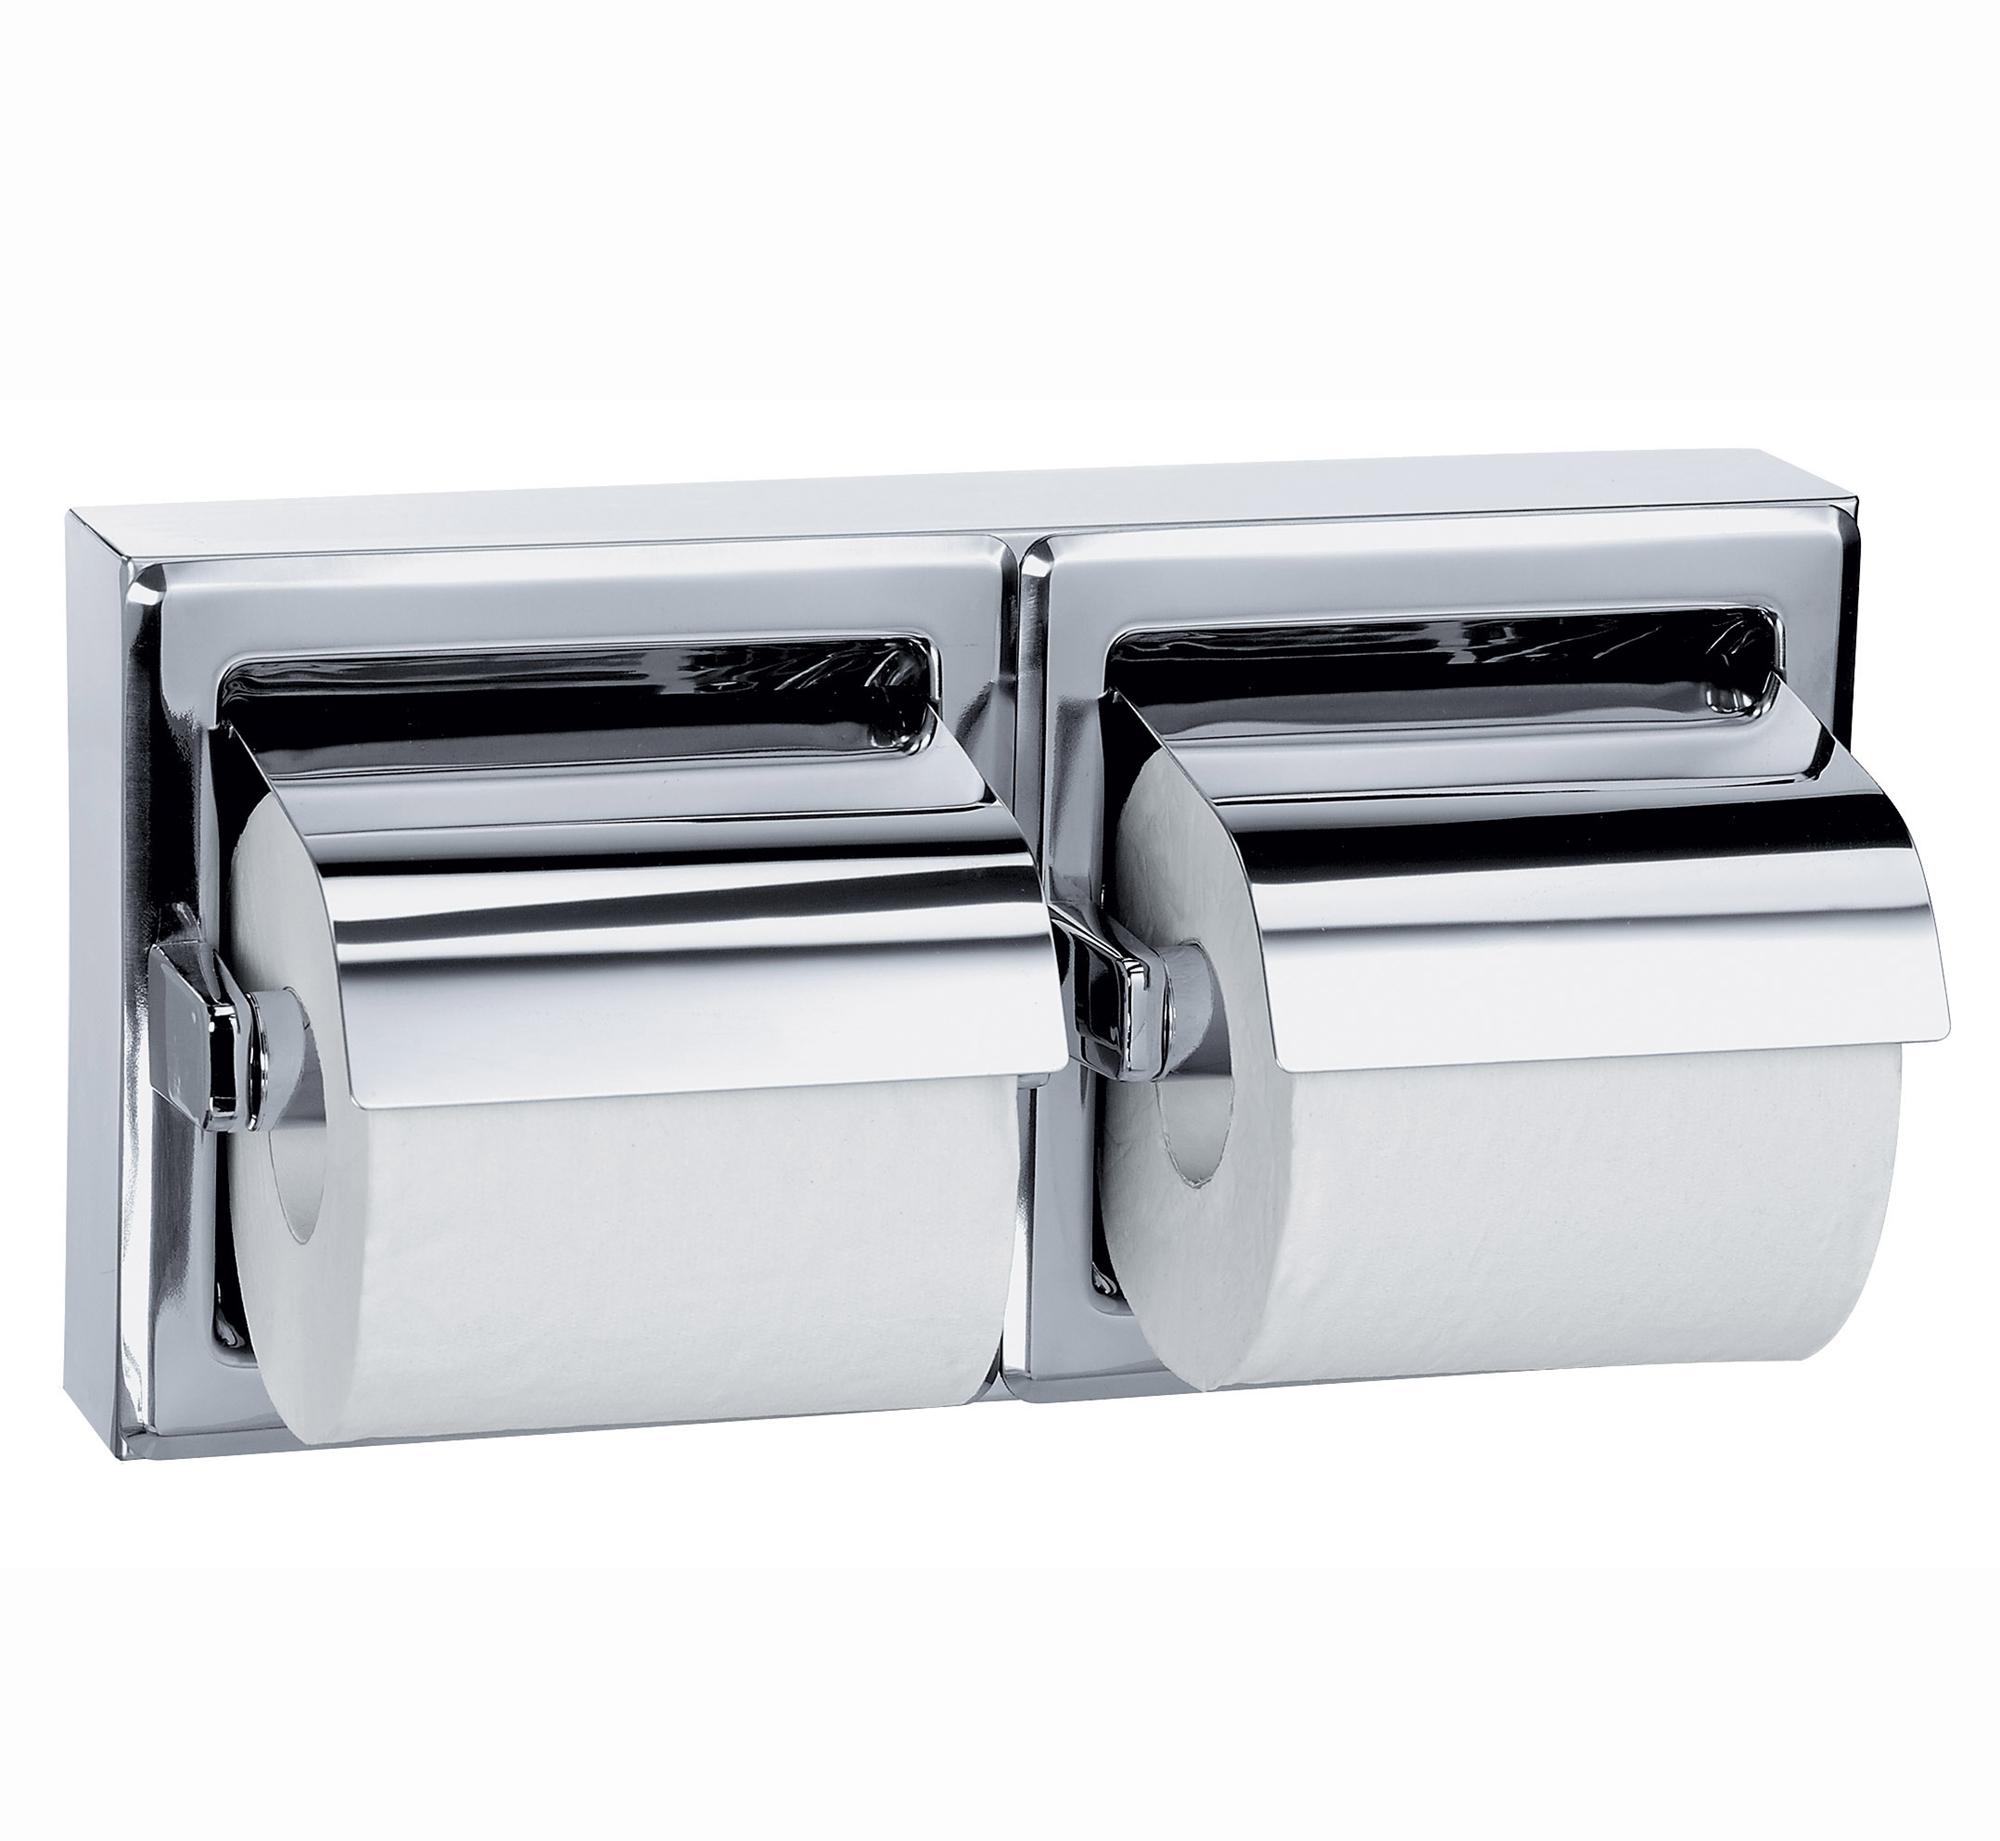 Distributeur de papier toilette inox 2 rouleaux - Distributeur de rouleaux de papier cuisine ...